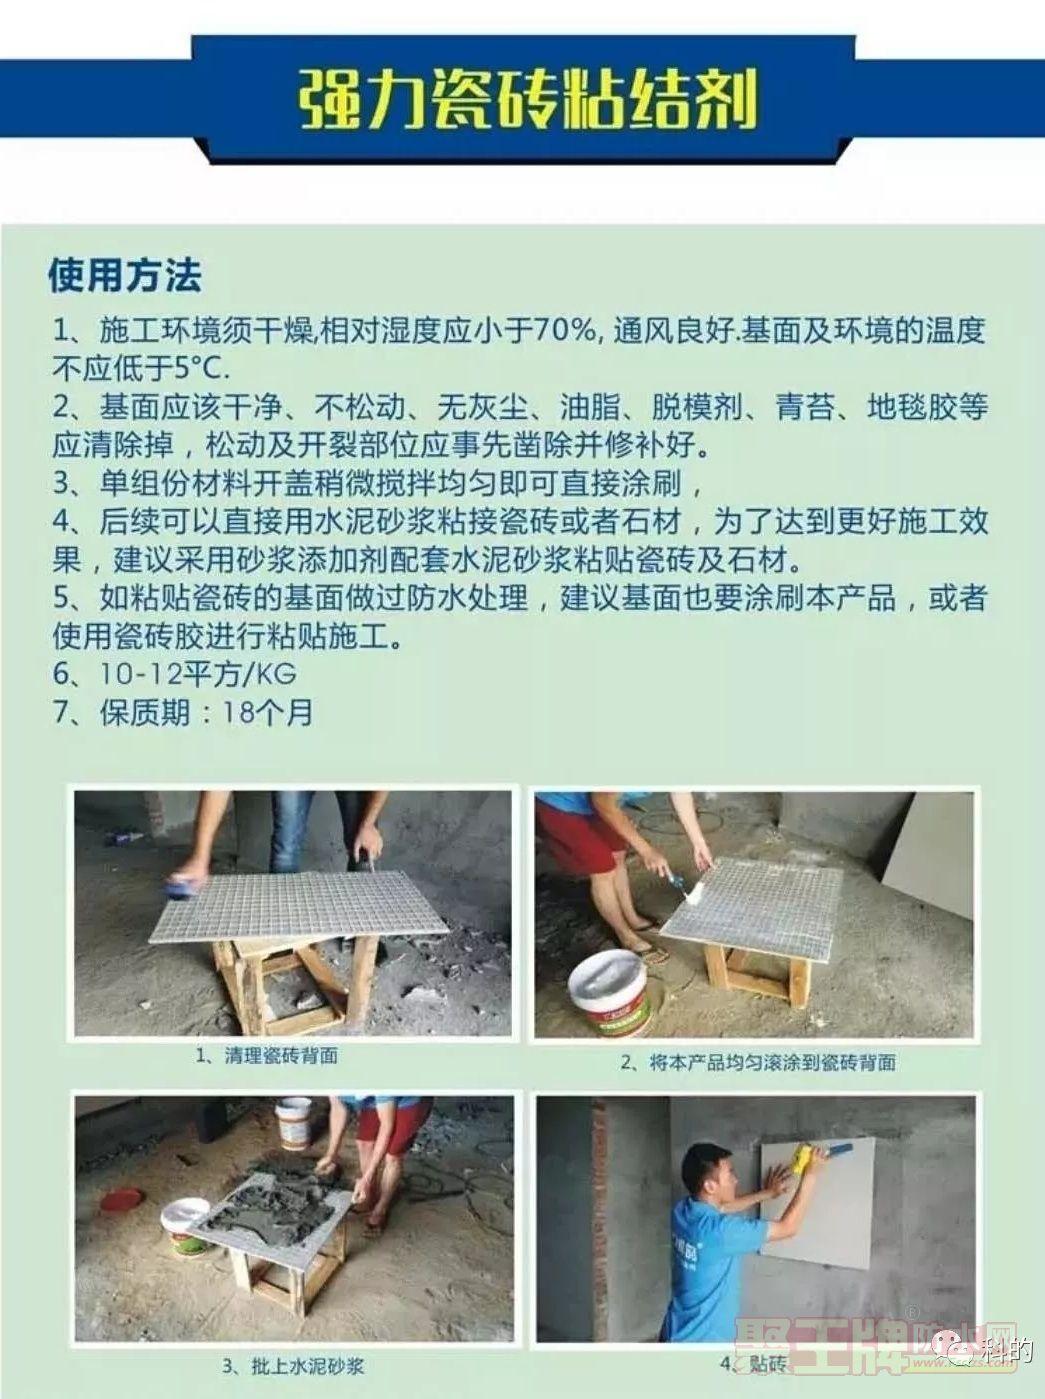 科的强力瓷砖粘结剂.jpg